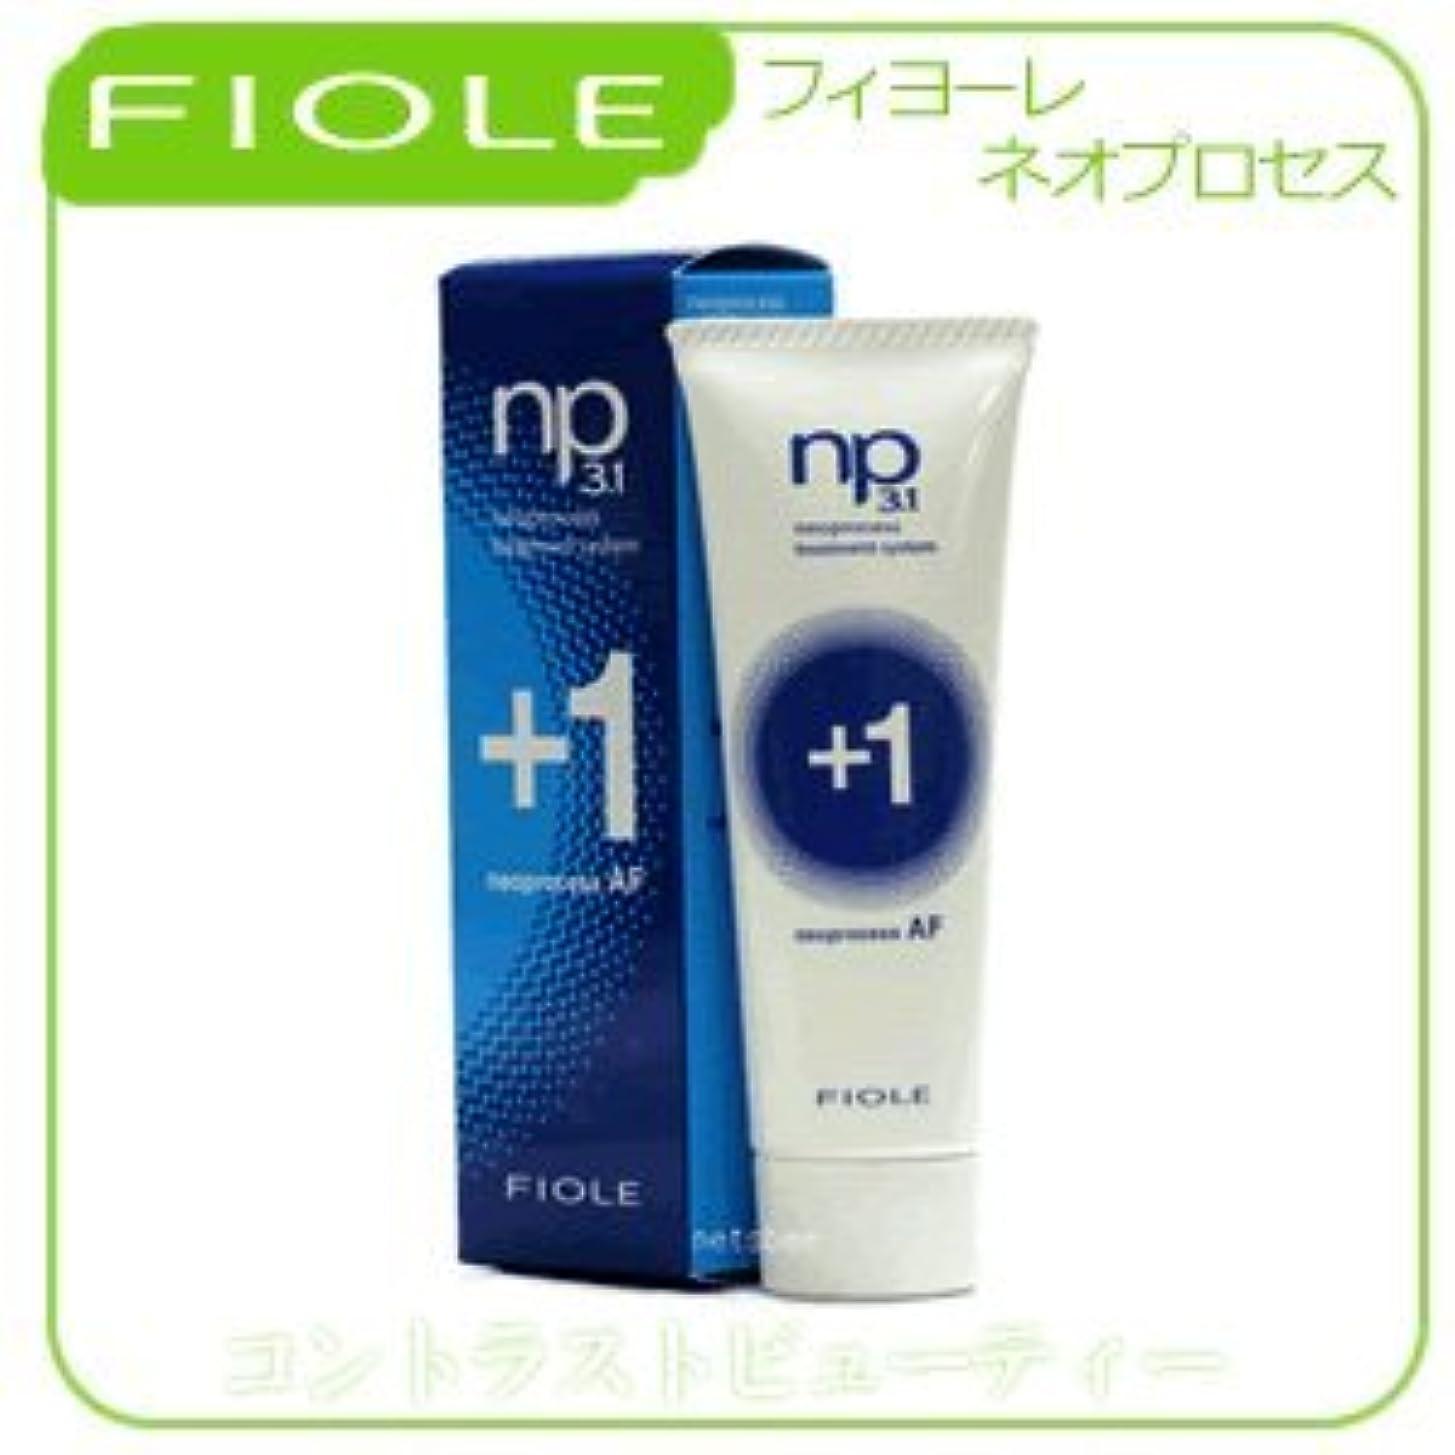 スパイラルキノコ中世の【X4個セット】 フィヨーレ NP3.1 ネオプロセス AFプラス1 240g FIOLE ネオプロセス